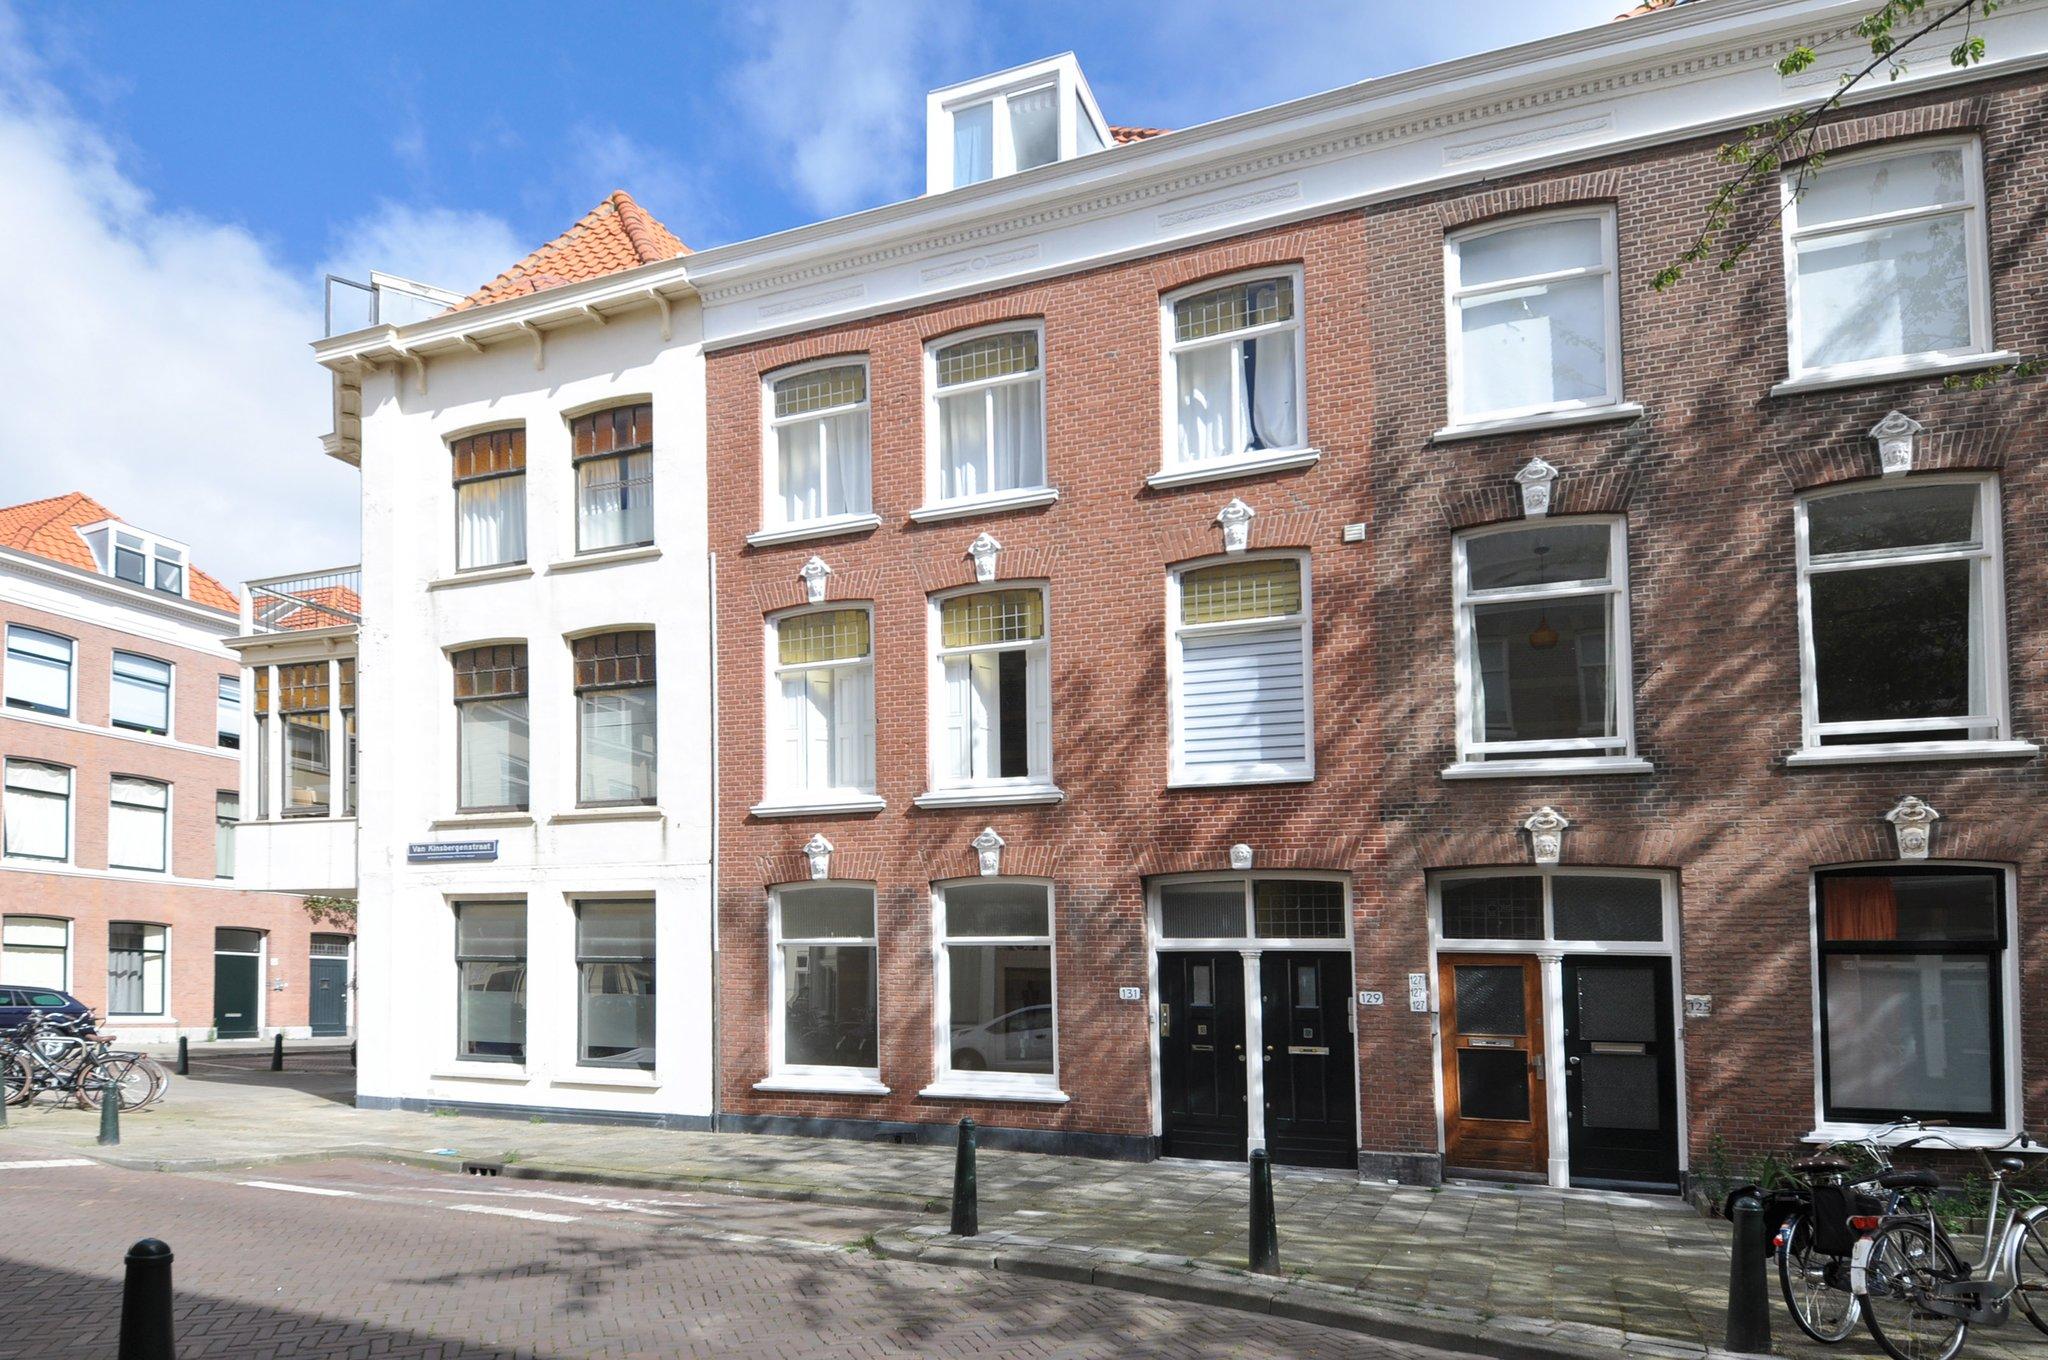 Van Kinsbergenstraat 131, Den haag